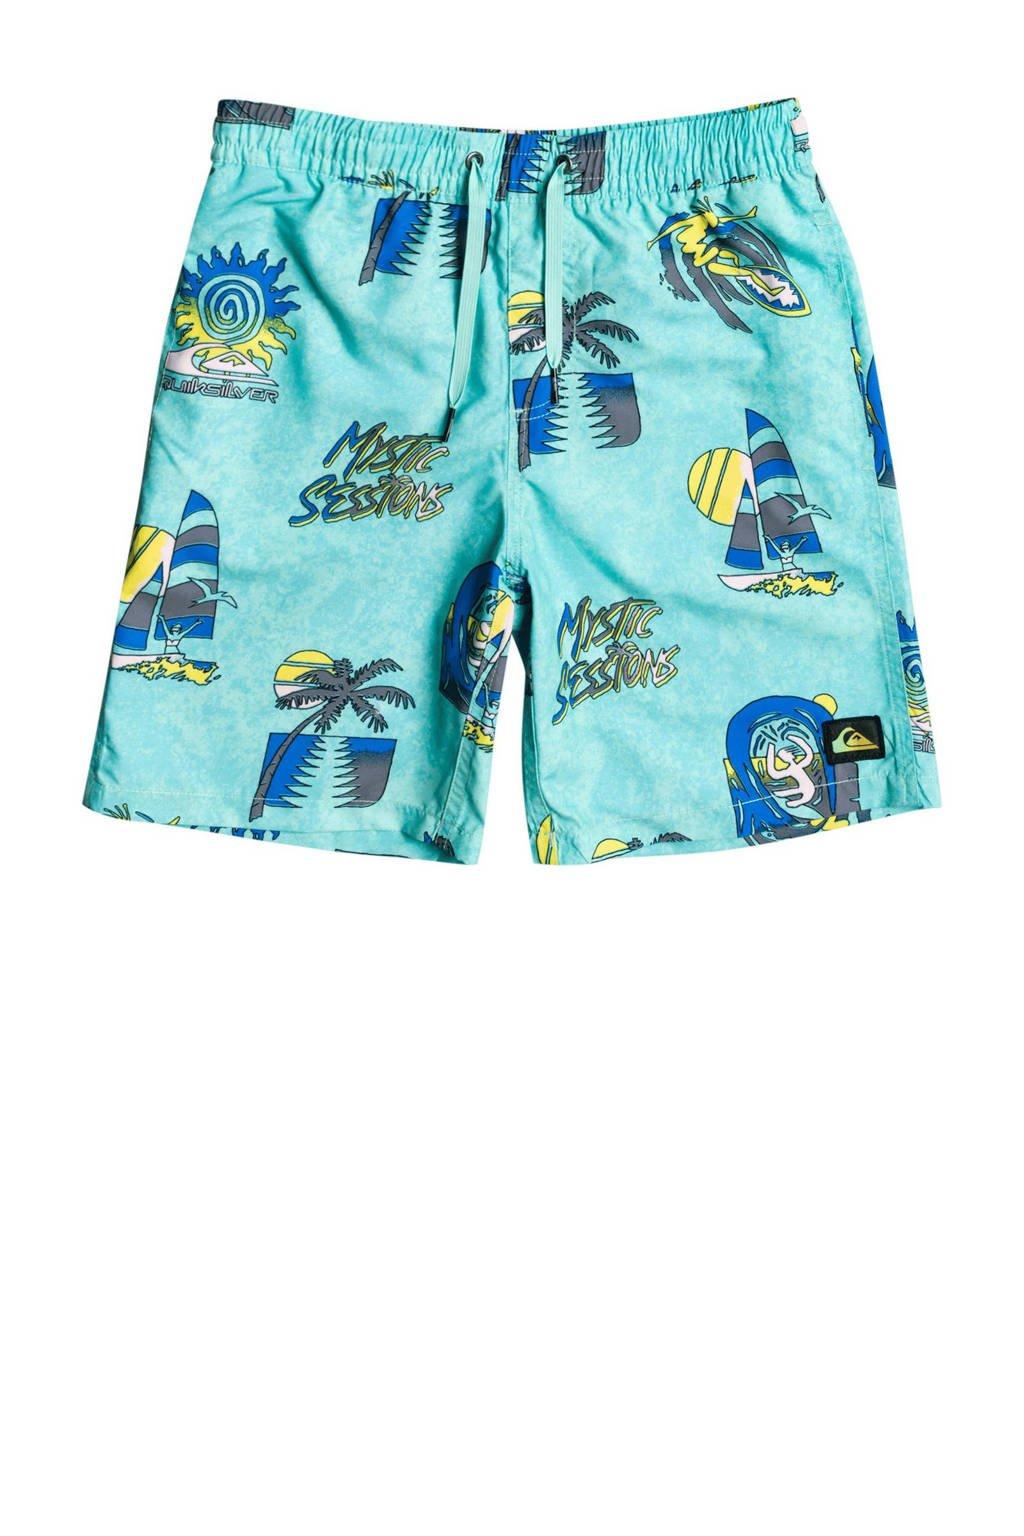 Quiksilver zwemshort Island Pulse met all over print lichtblauw/blauw/geel, Lichtblauw/blauw/geel